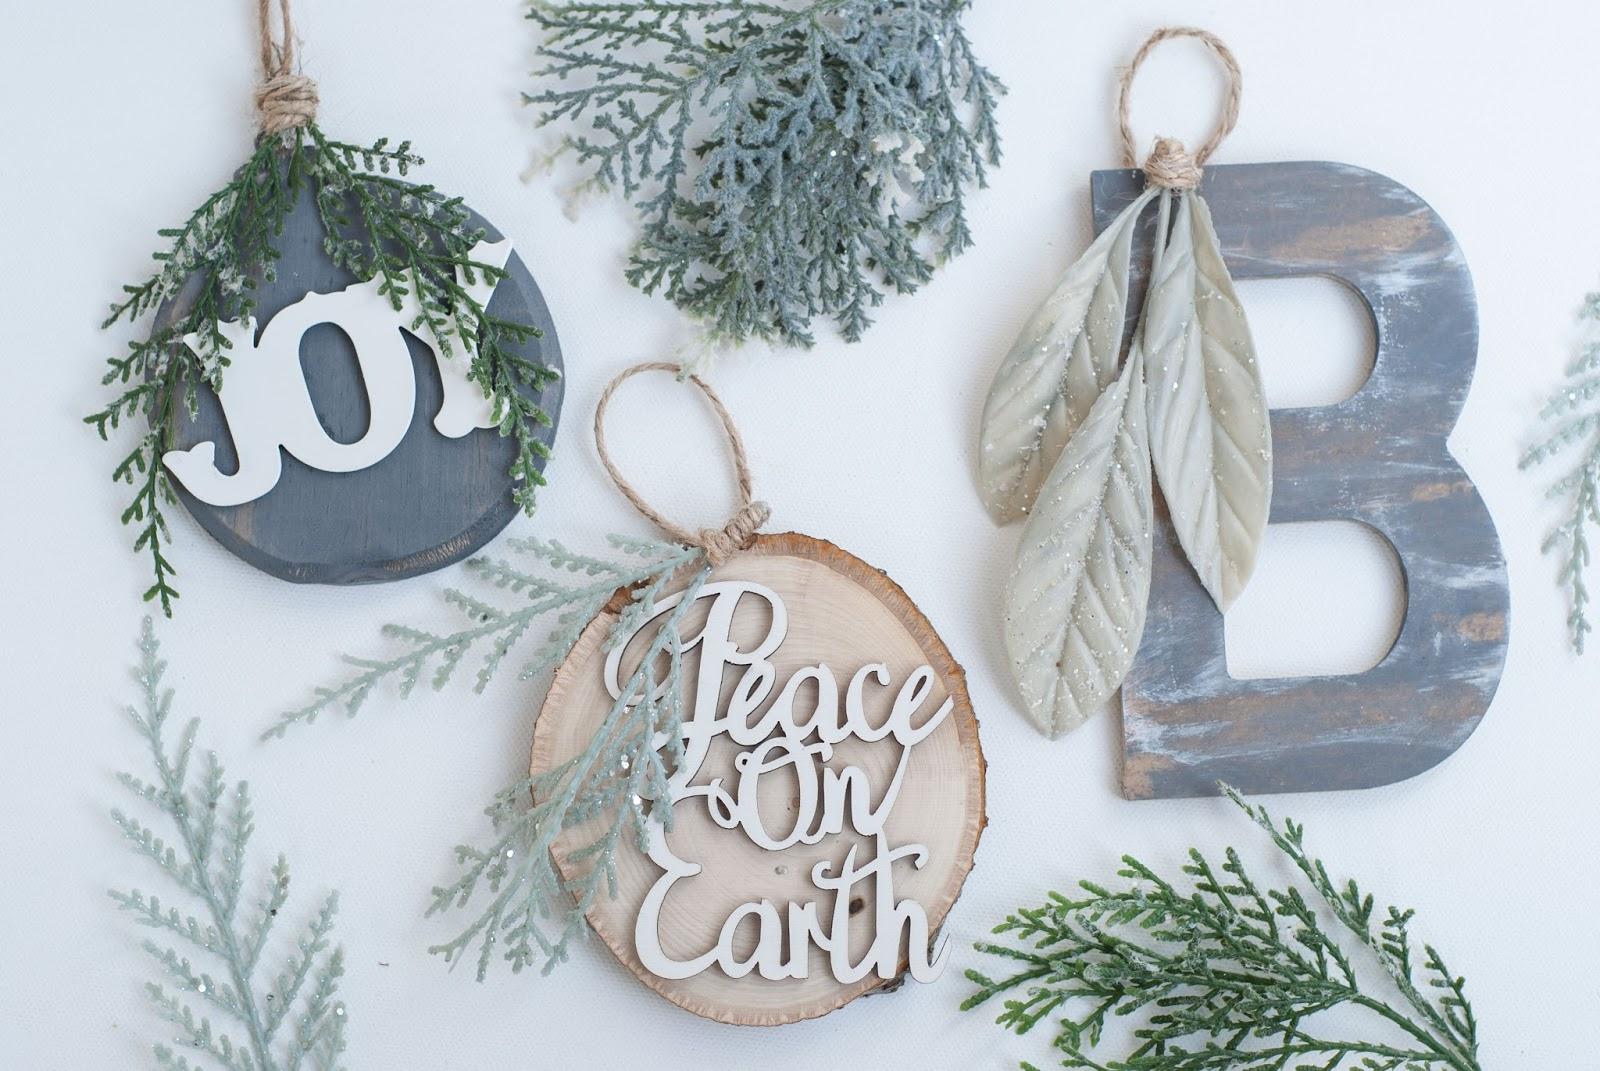 DIY farmhouse Christmas wood slice ornament with JOY, PEACE ON EARTH with pine decor